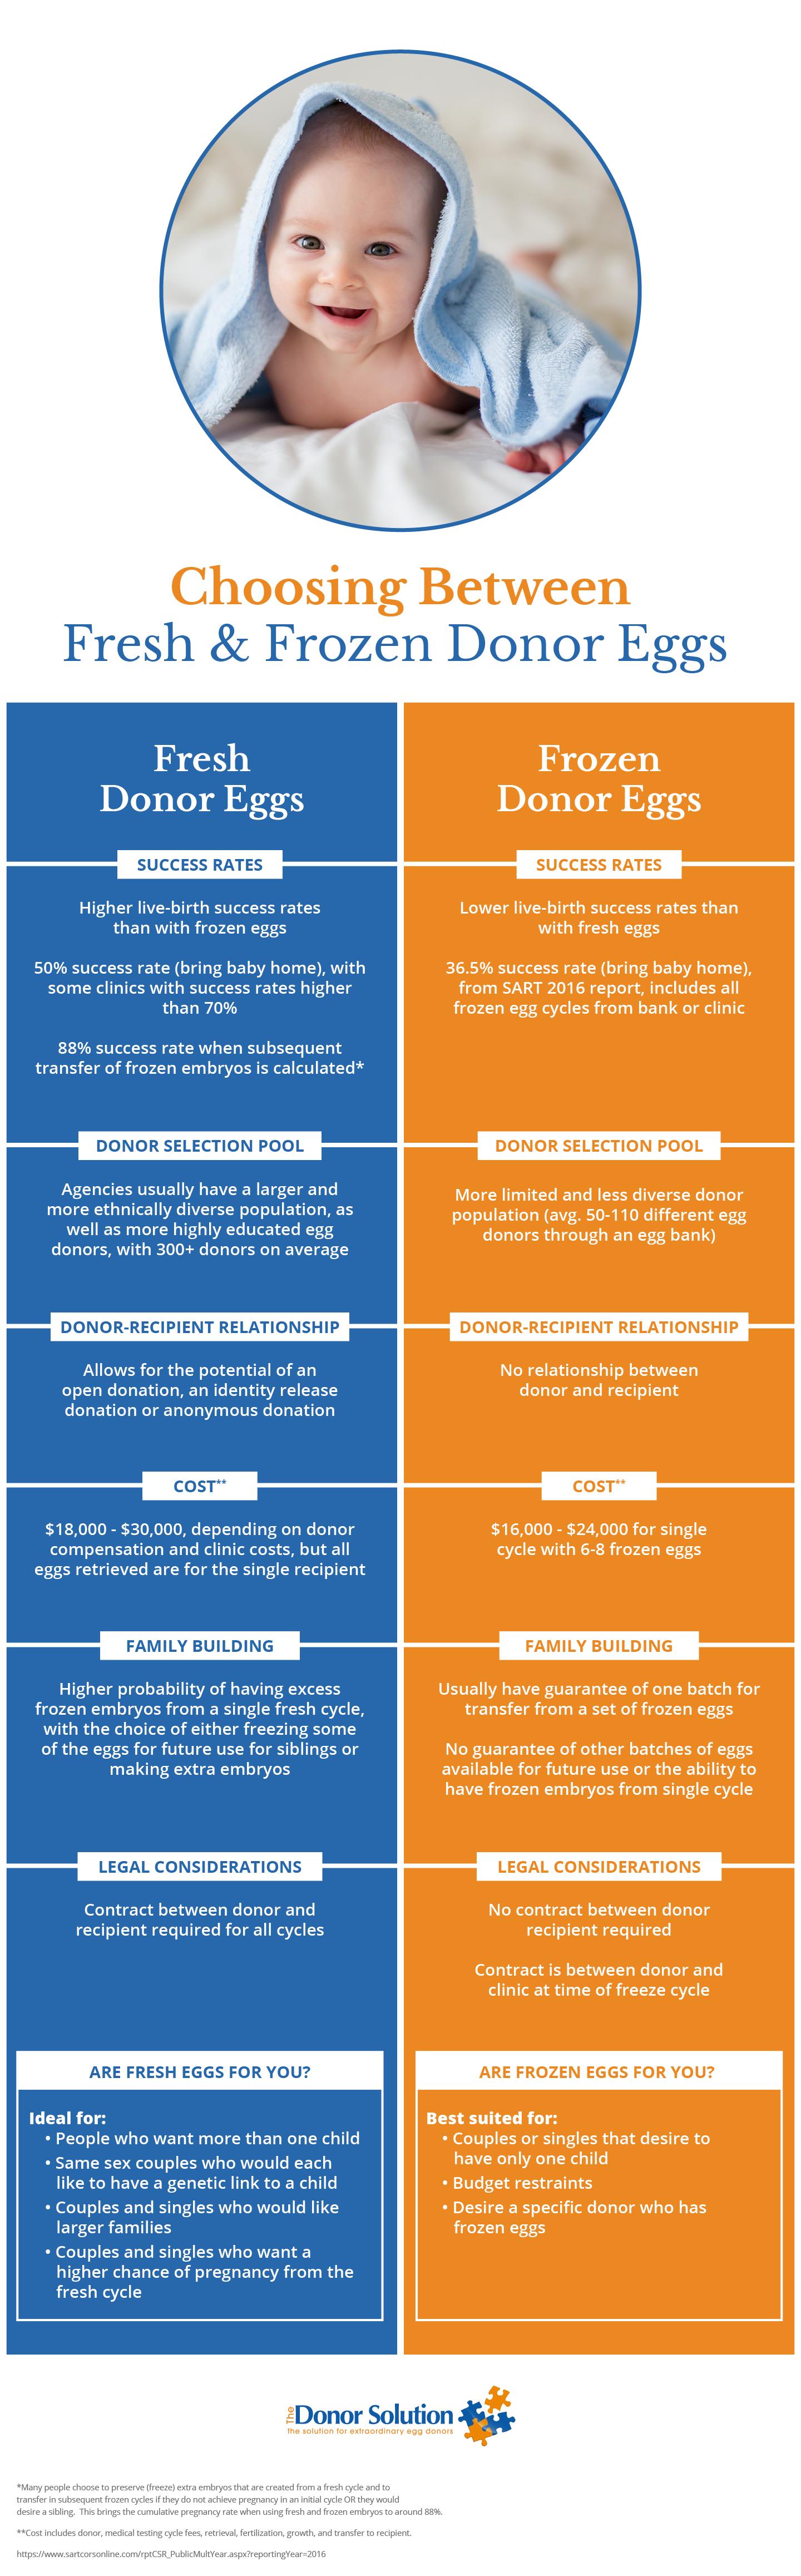 choosing-between-fresh-frozen-donor-eggs-infographic